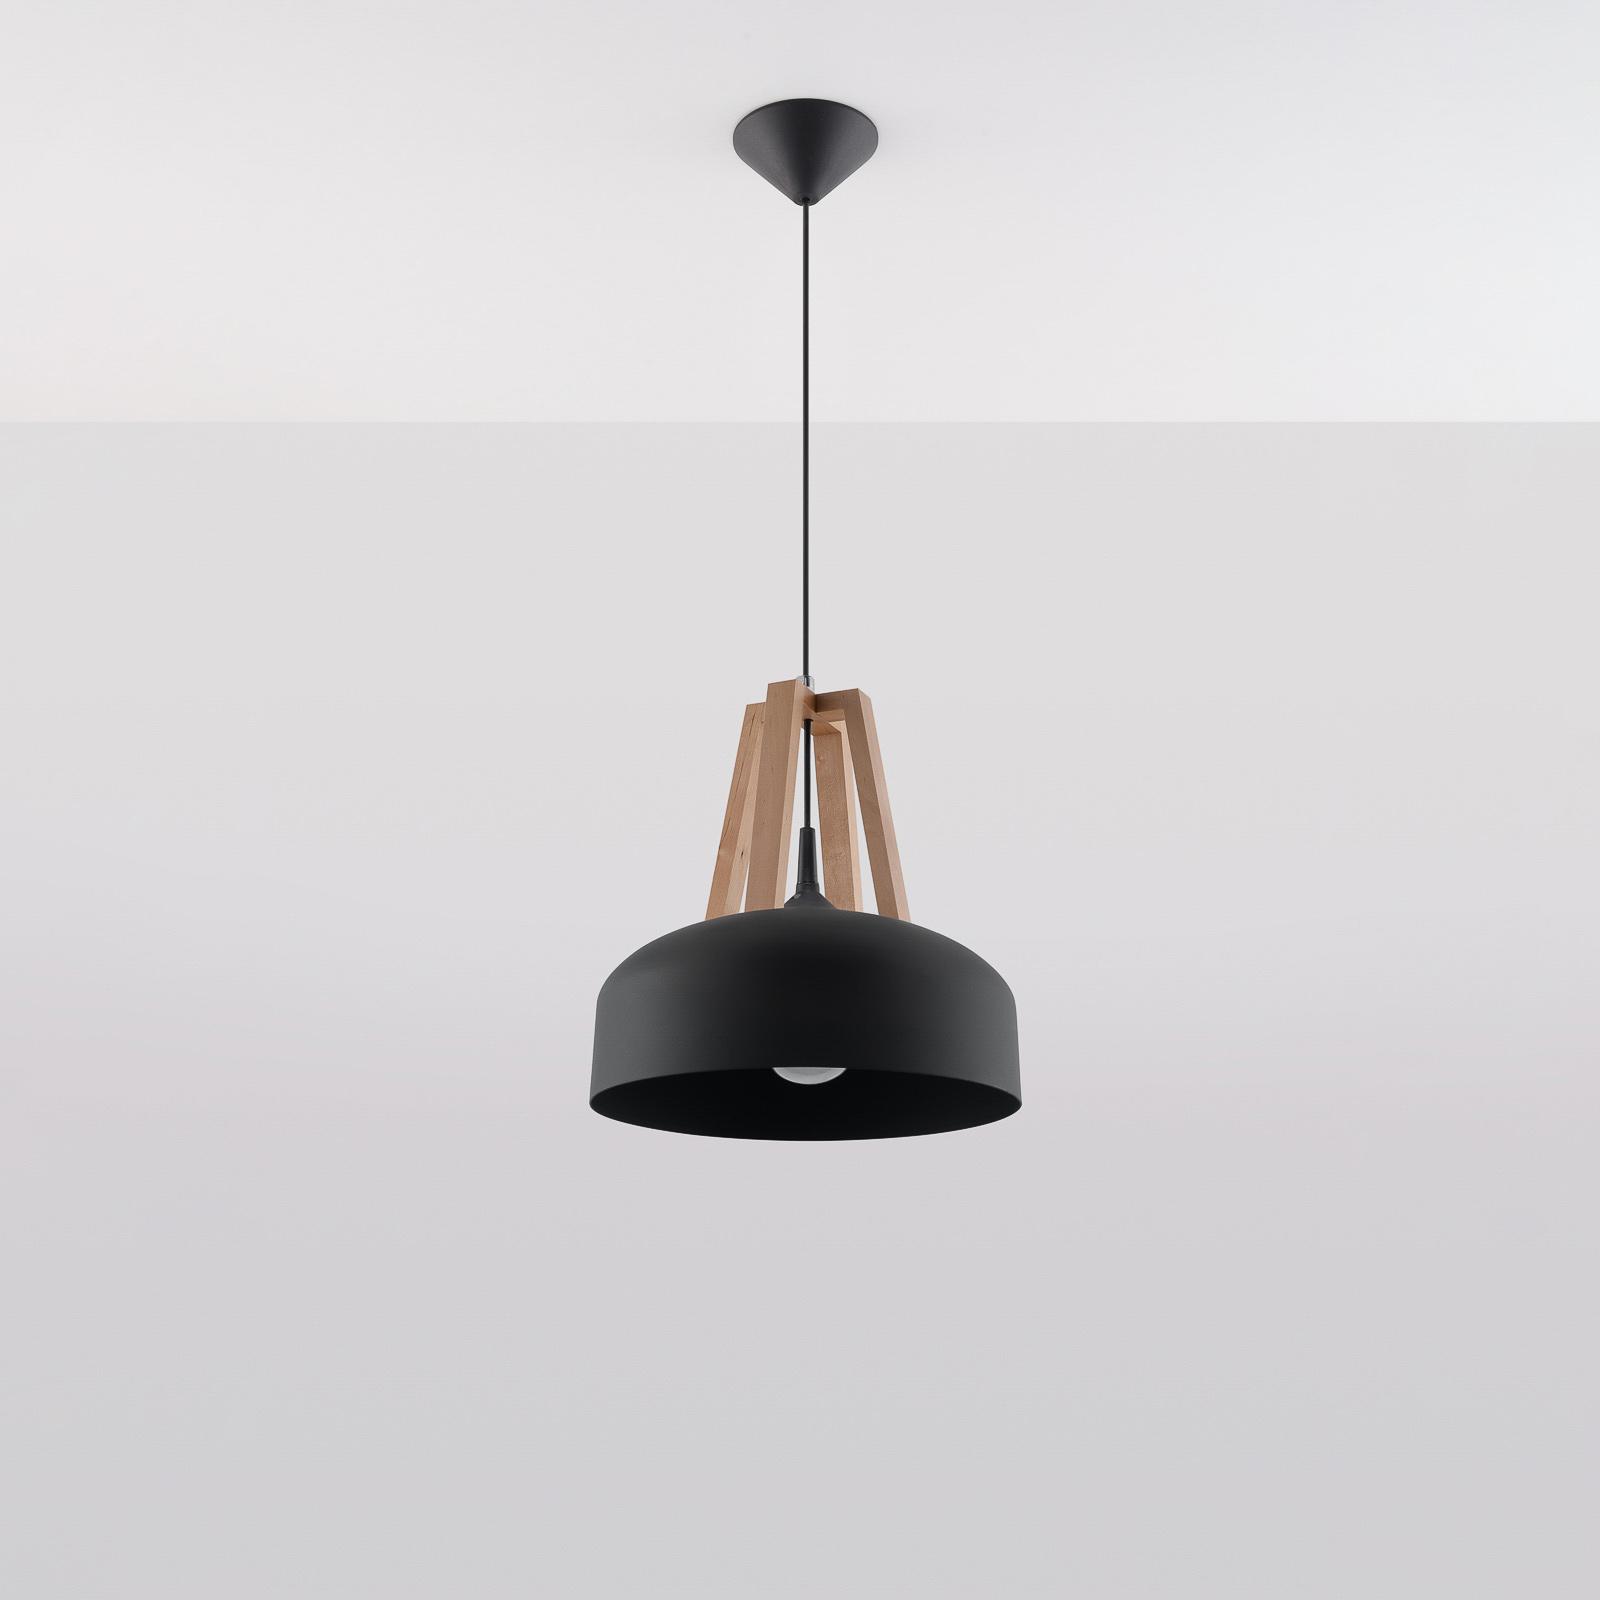 Hanglamp North met hout natuur zwarte kap